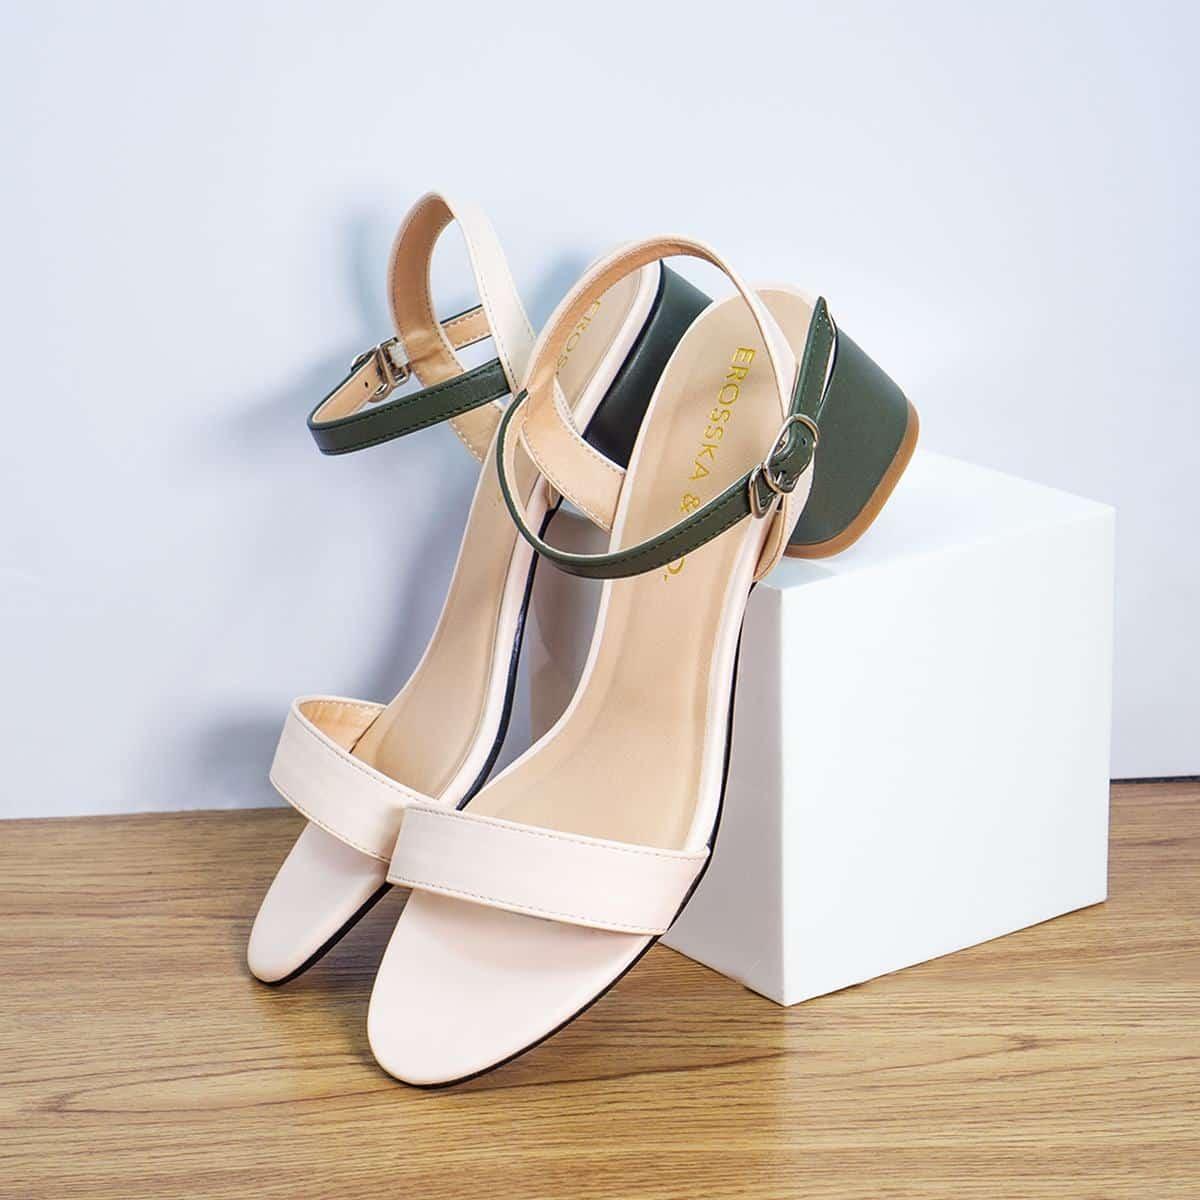 Giày, dép - phụ kiện tạo điểm nhấn thời trang cho nữ - VnExpress Đời sống